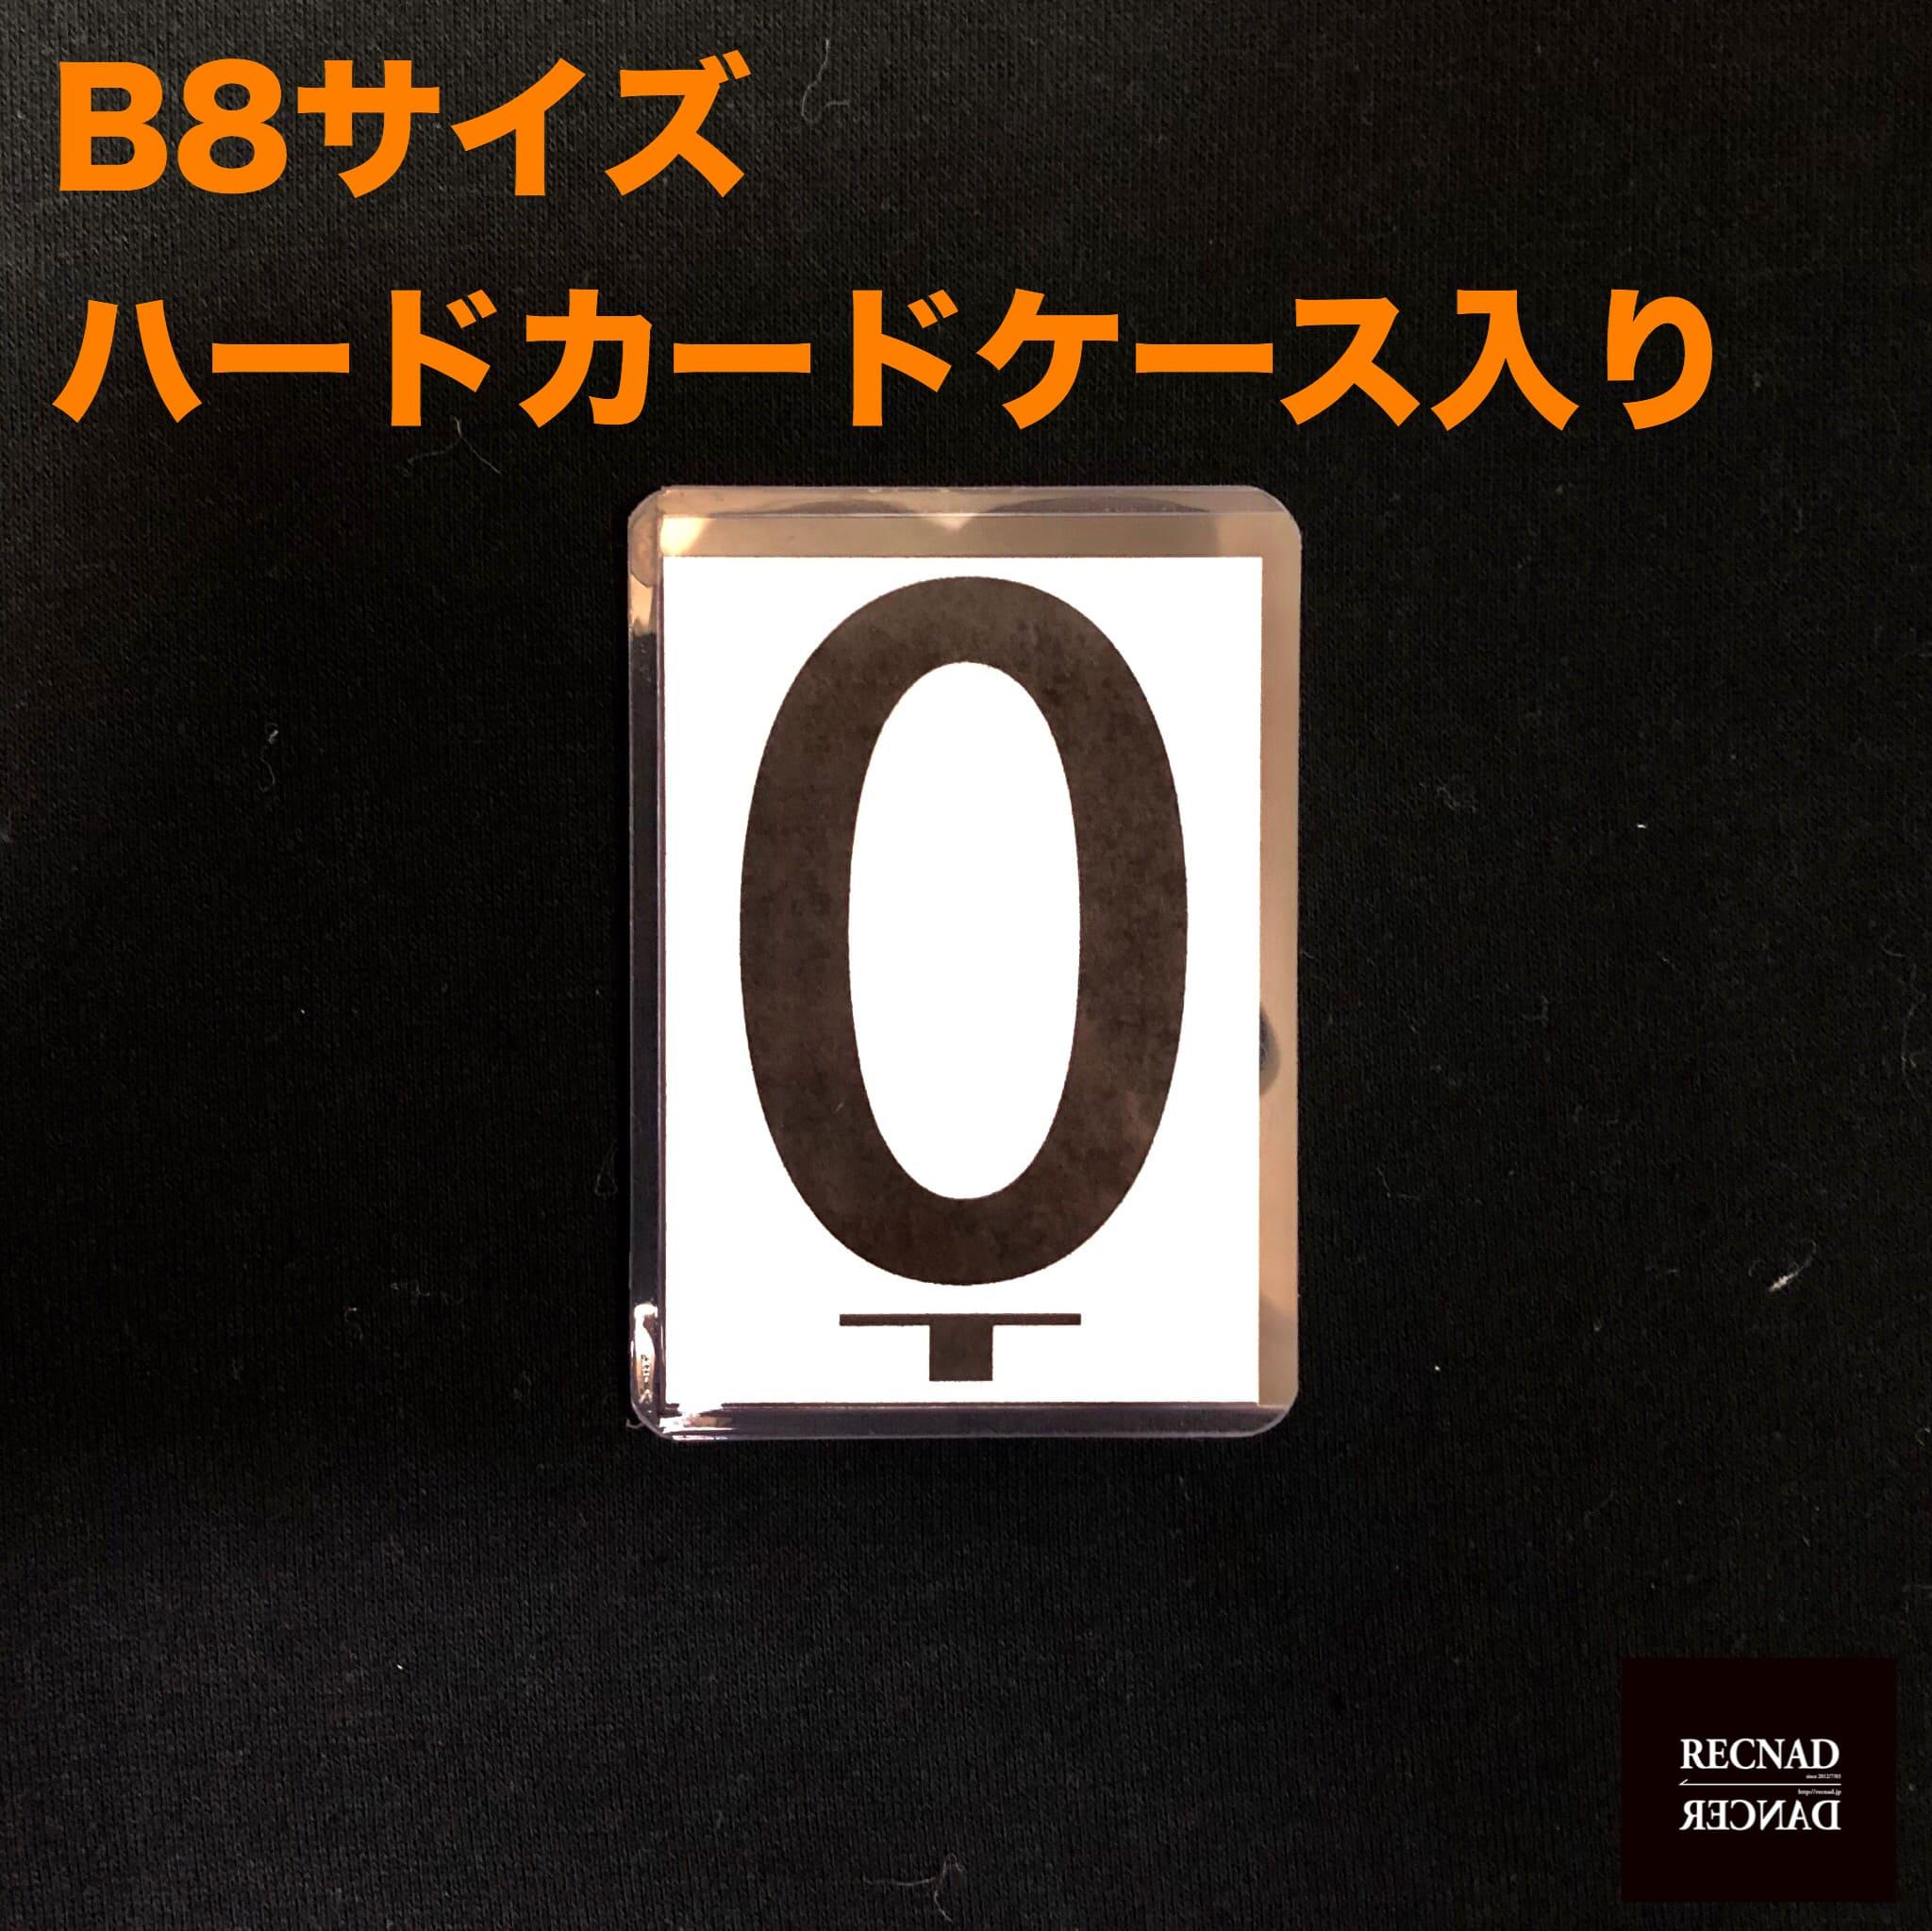 「 場ミリ ポジション 番号 ステージ用 」ステージで便利なアイテム販売